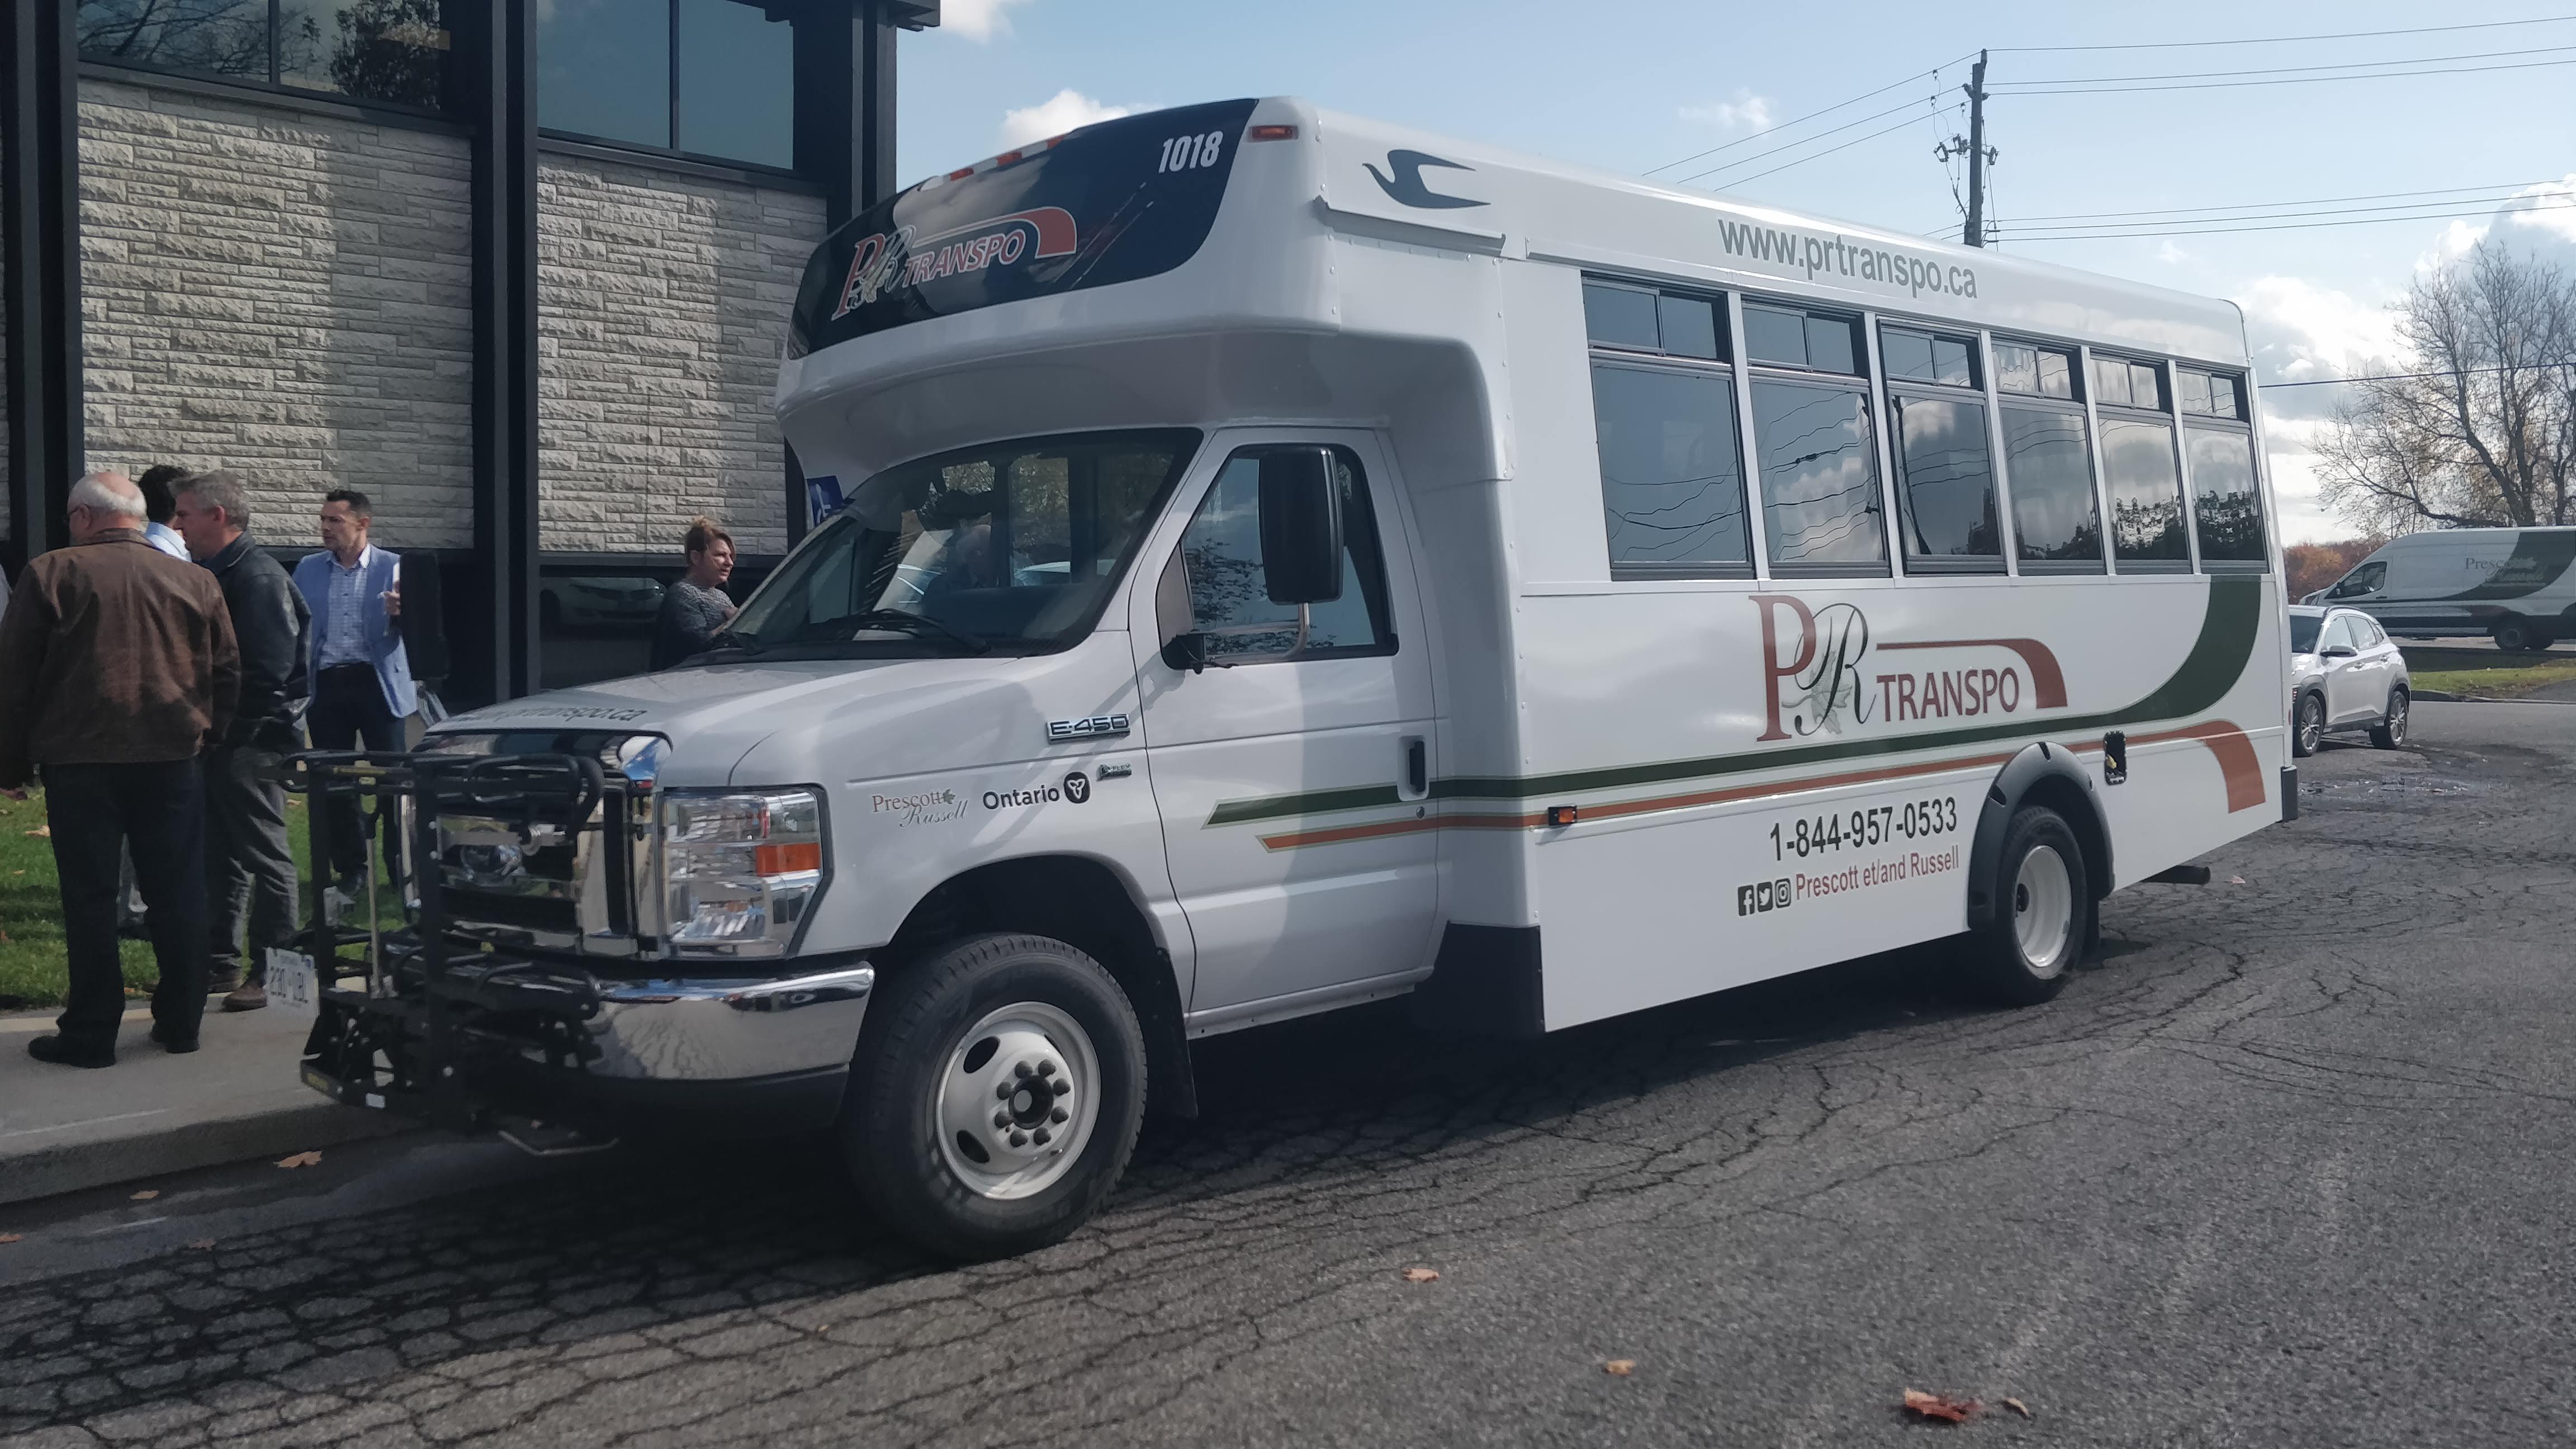 PR Transpo Bus